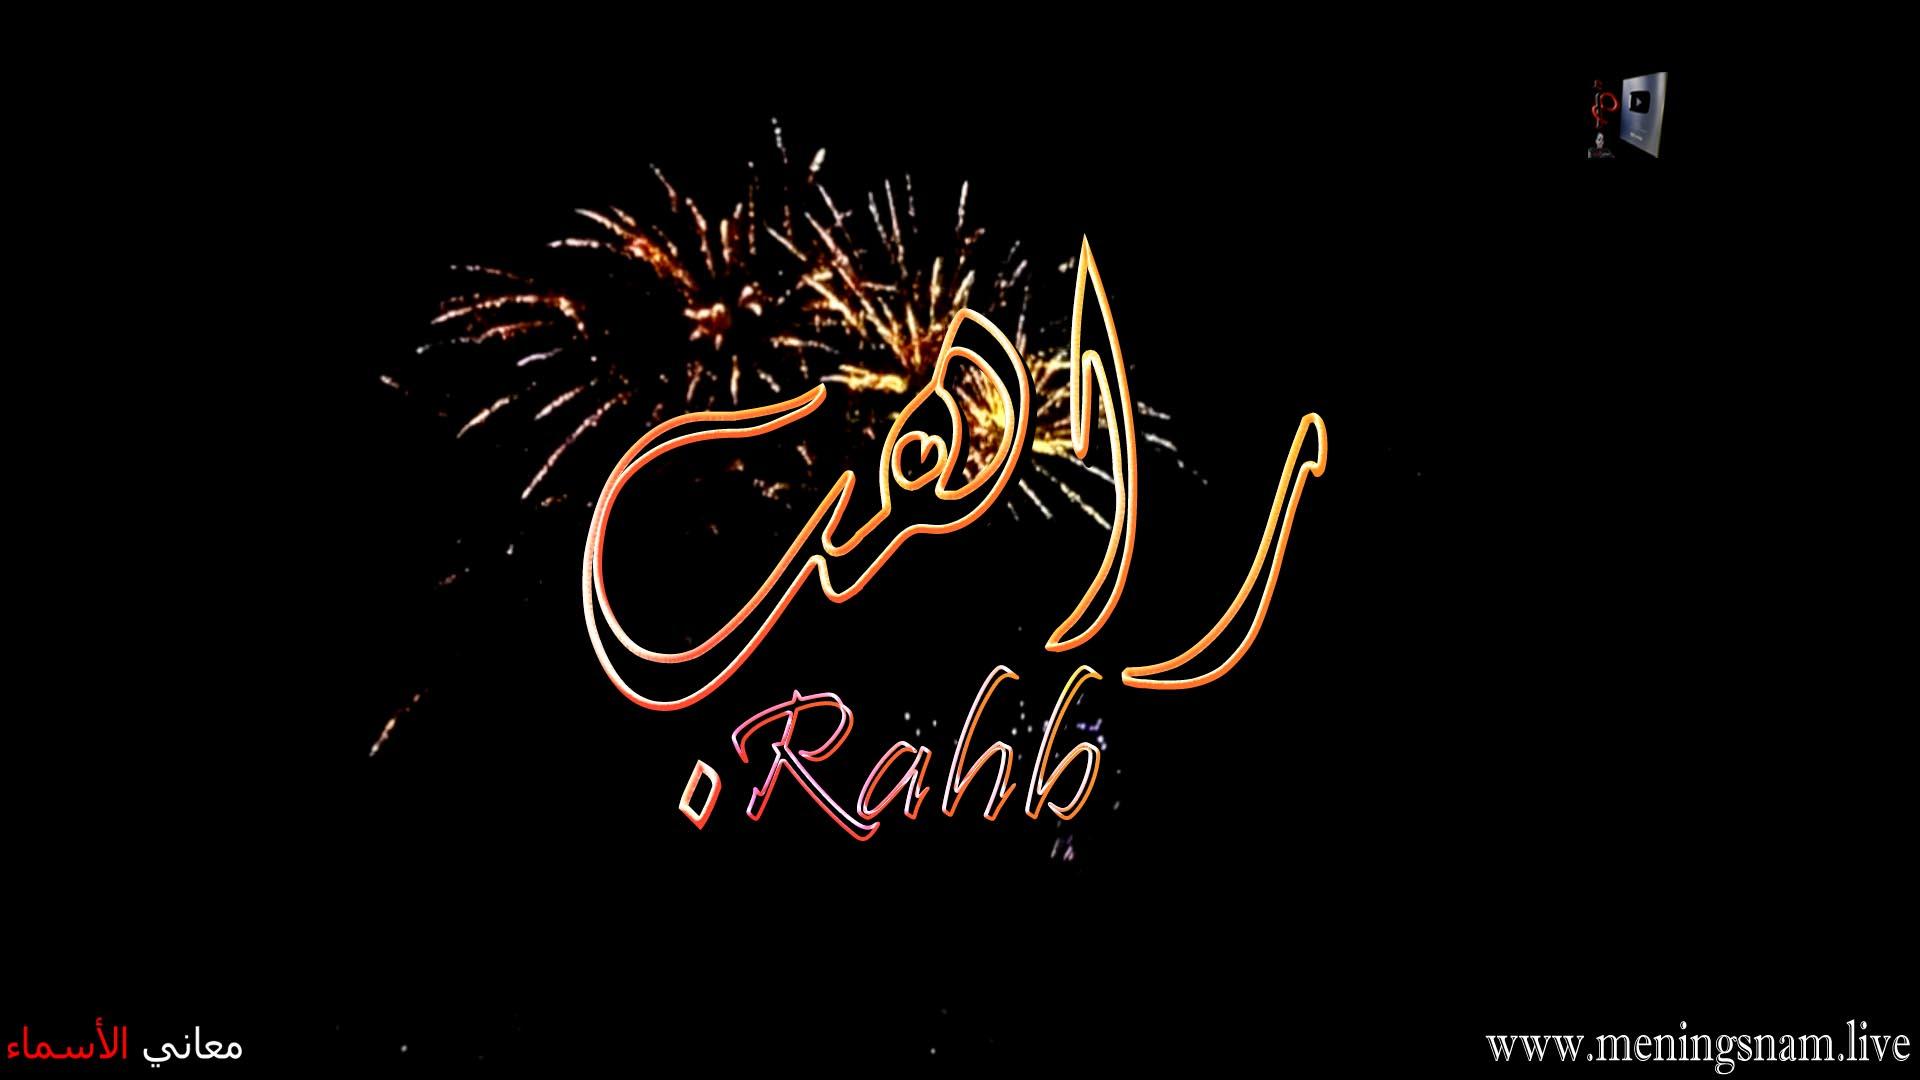 معنى اسم راهب وصفات حامل هذا الاسم Raheb